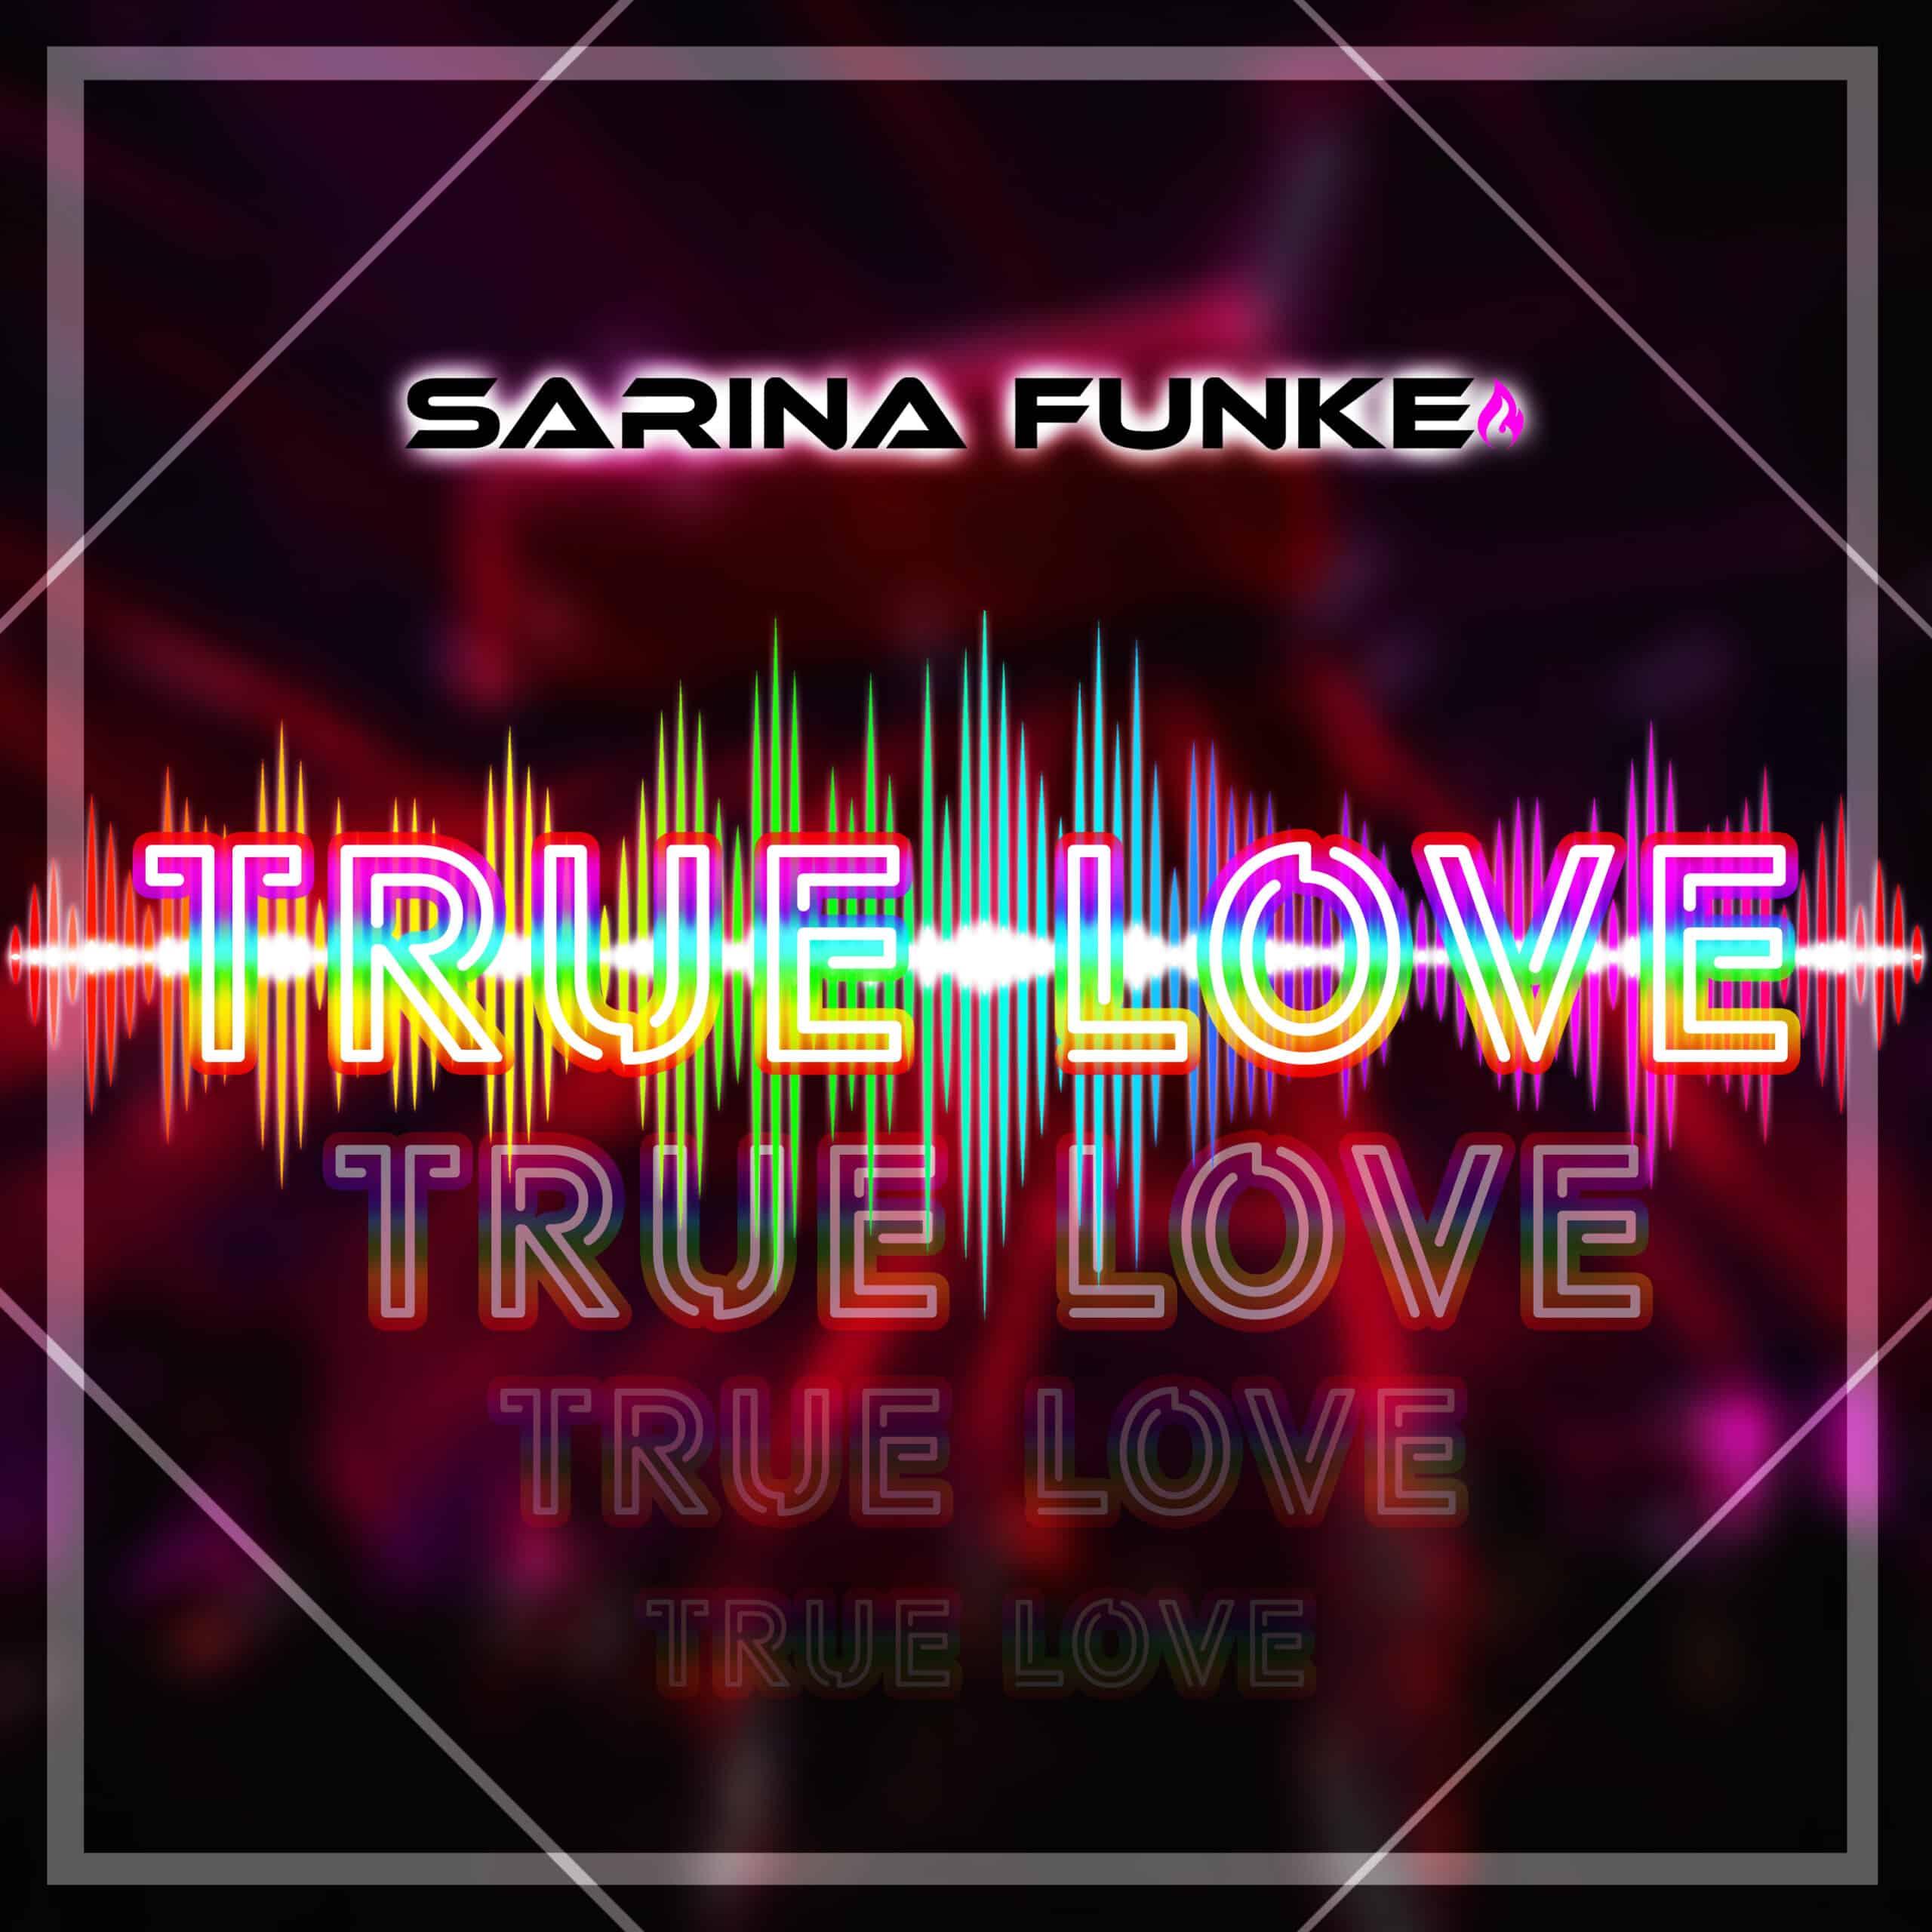 Sabrina Funke - True Love Mastering by Peak-Studios